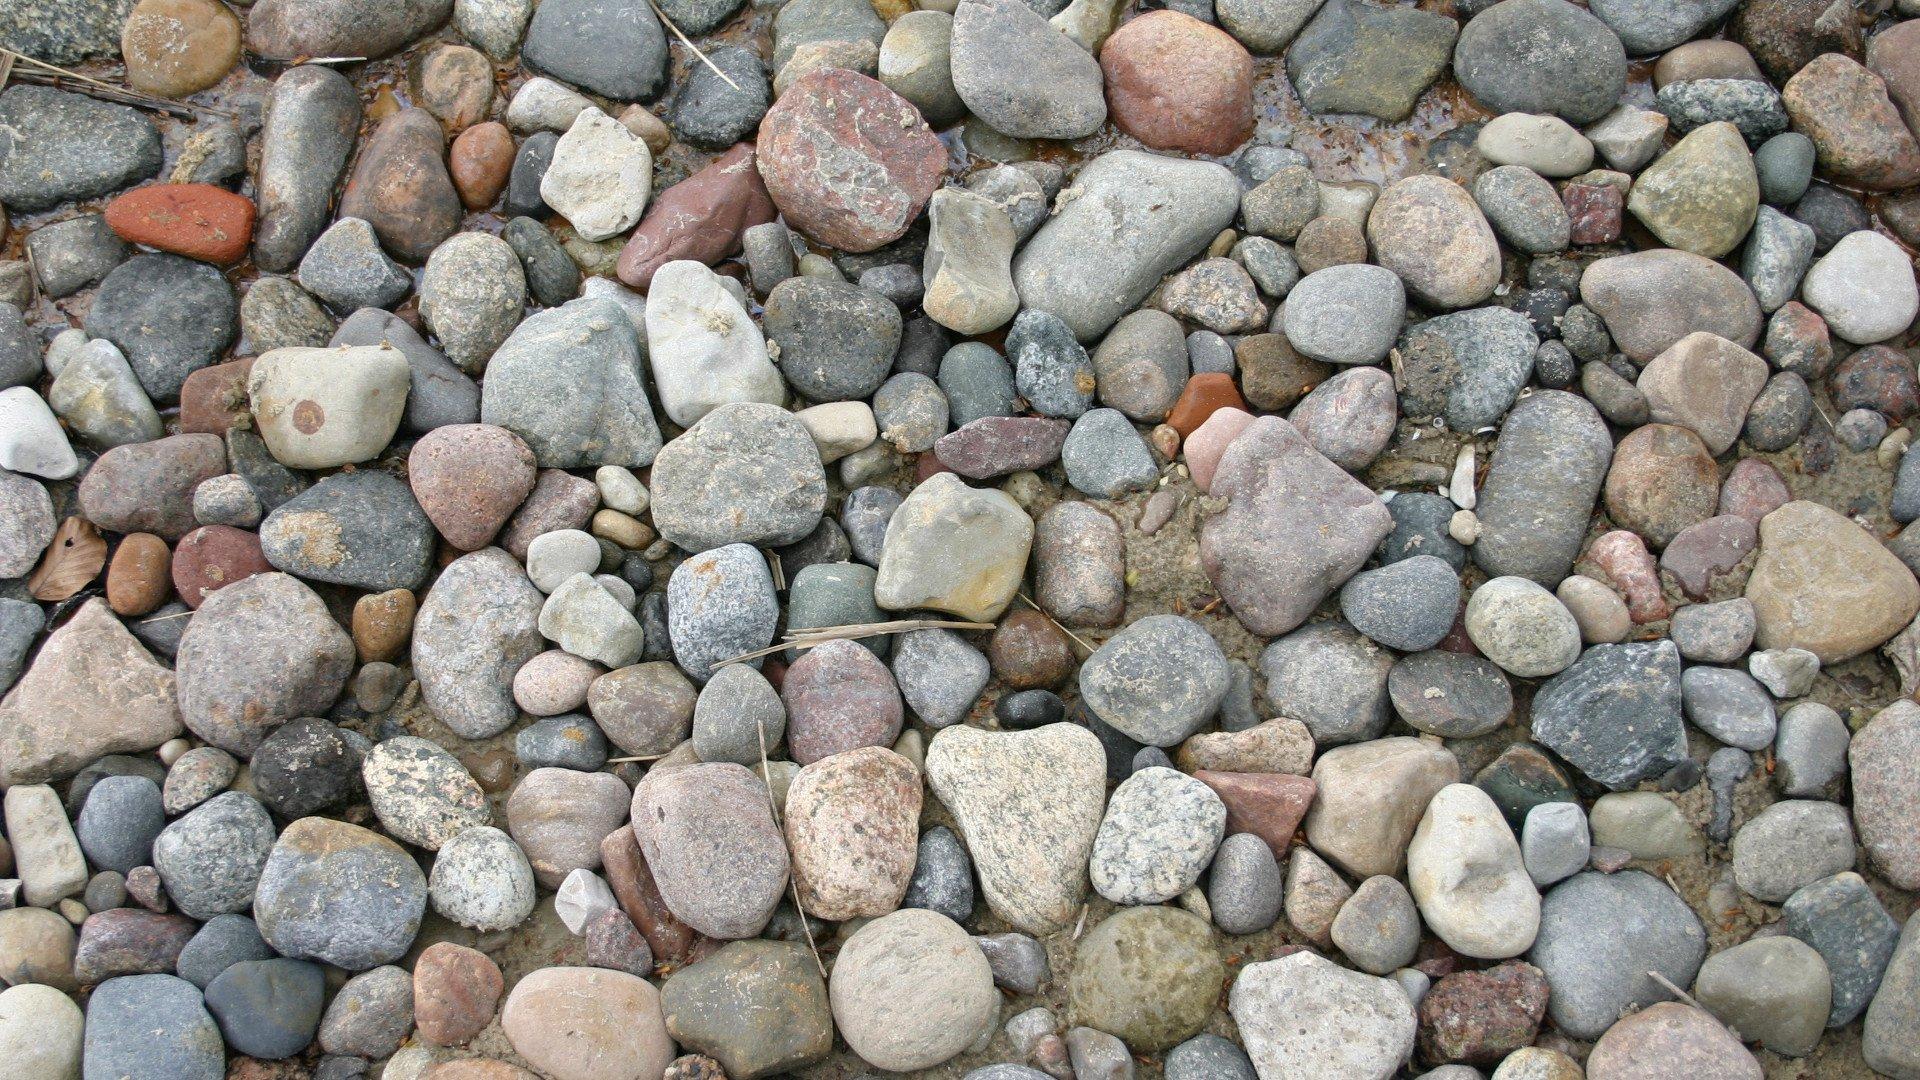 Natursteinkiese